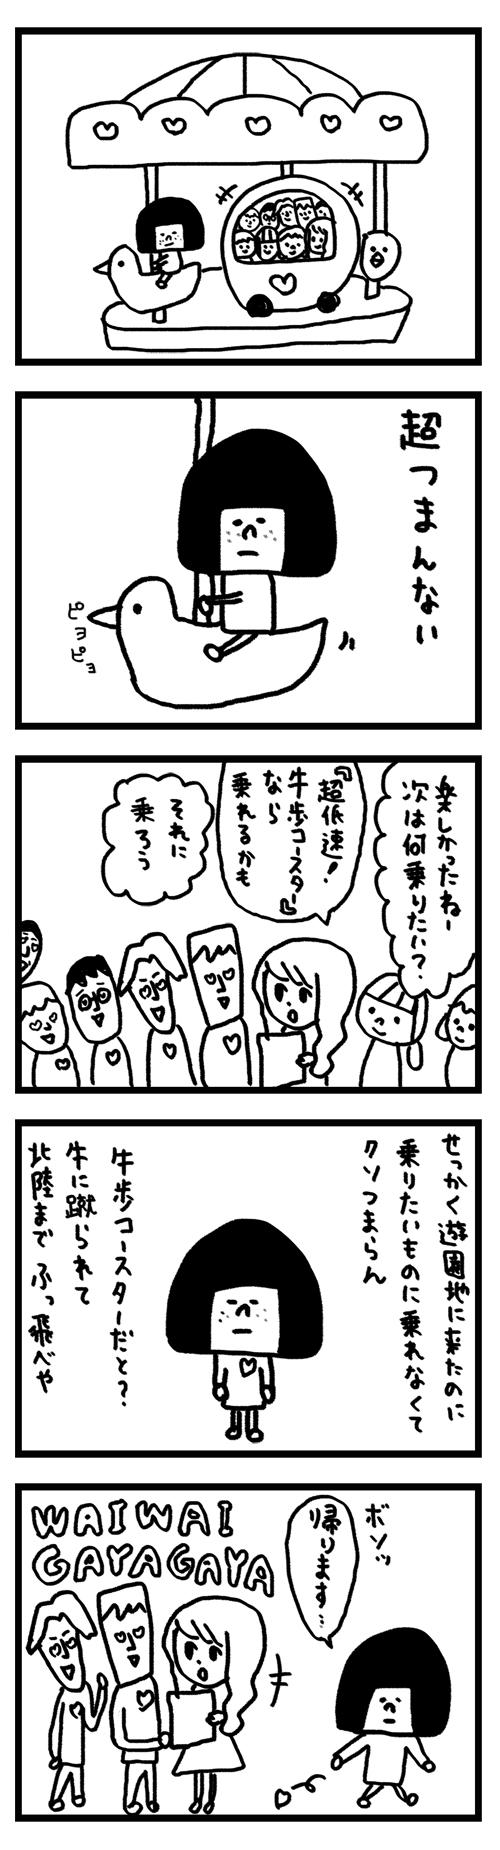 モテないアラサー漫画5